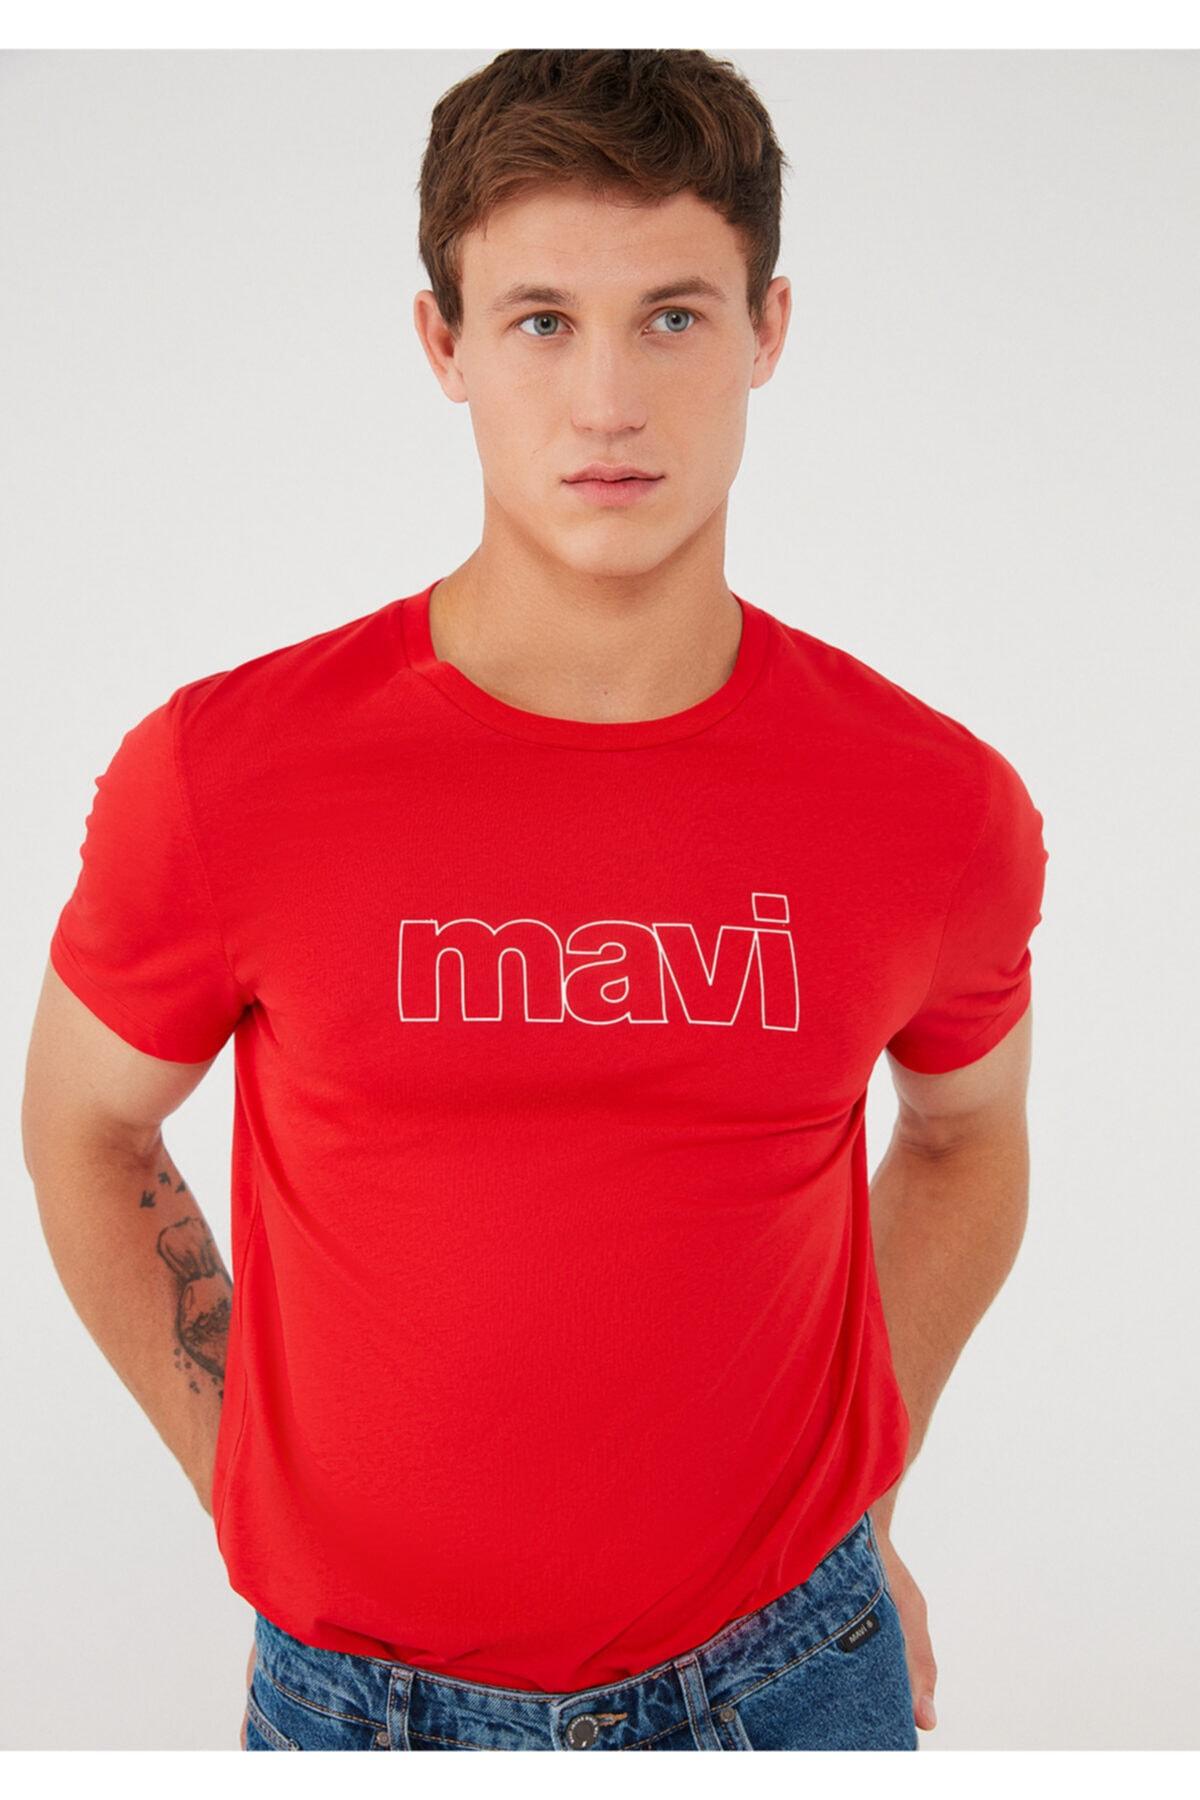 Logo Baskılı Kırmızı Tişört 065781-33099